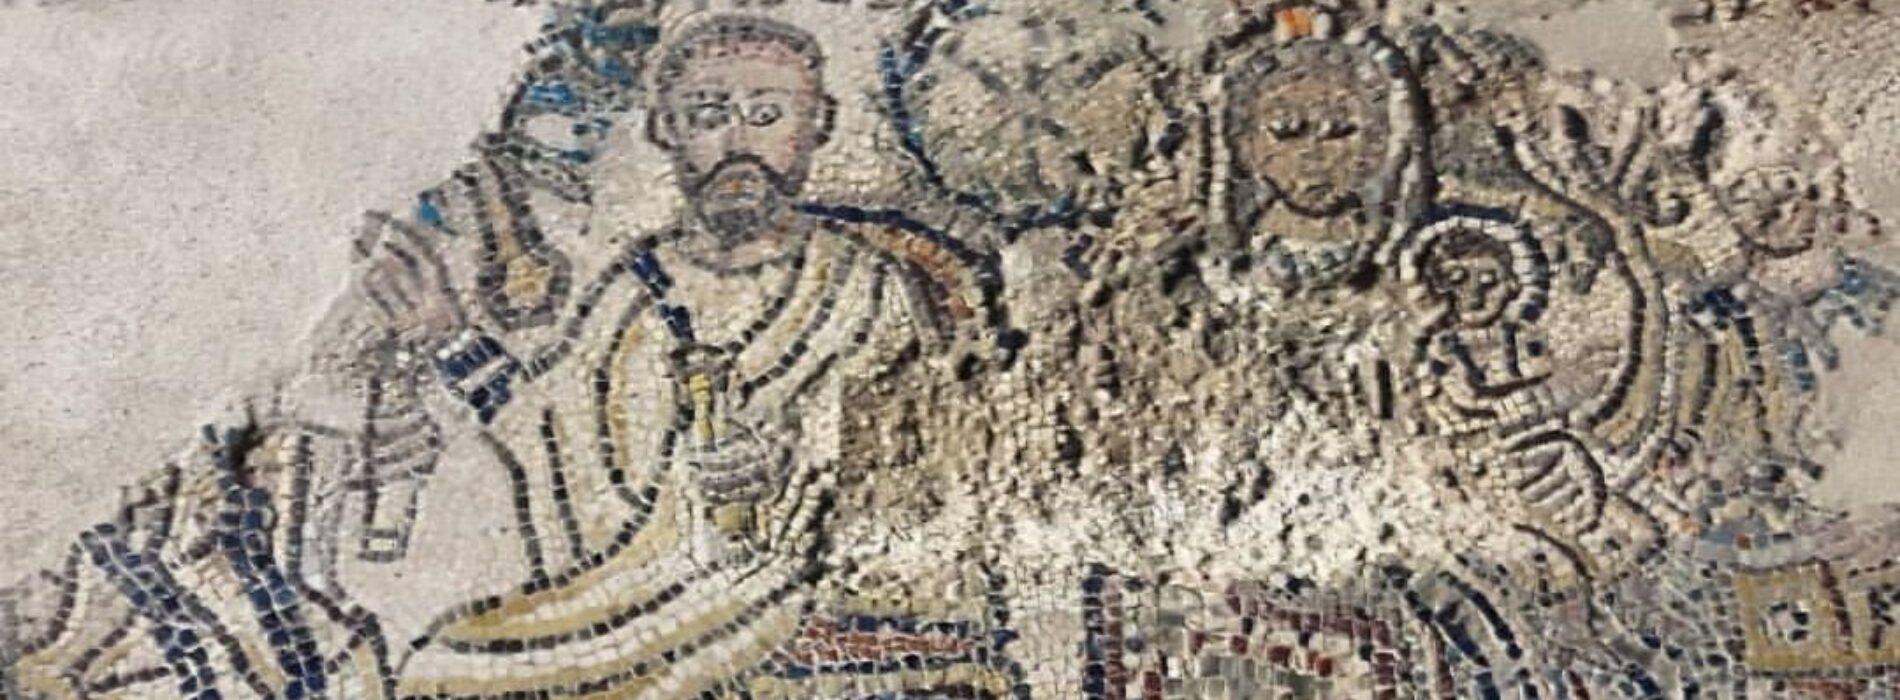 San Francesco non fu il primo, è a Teano il presepe più antico